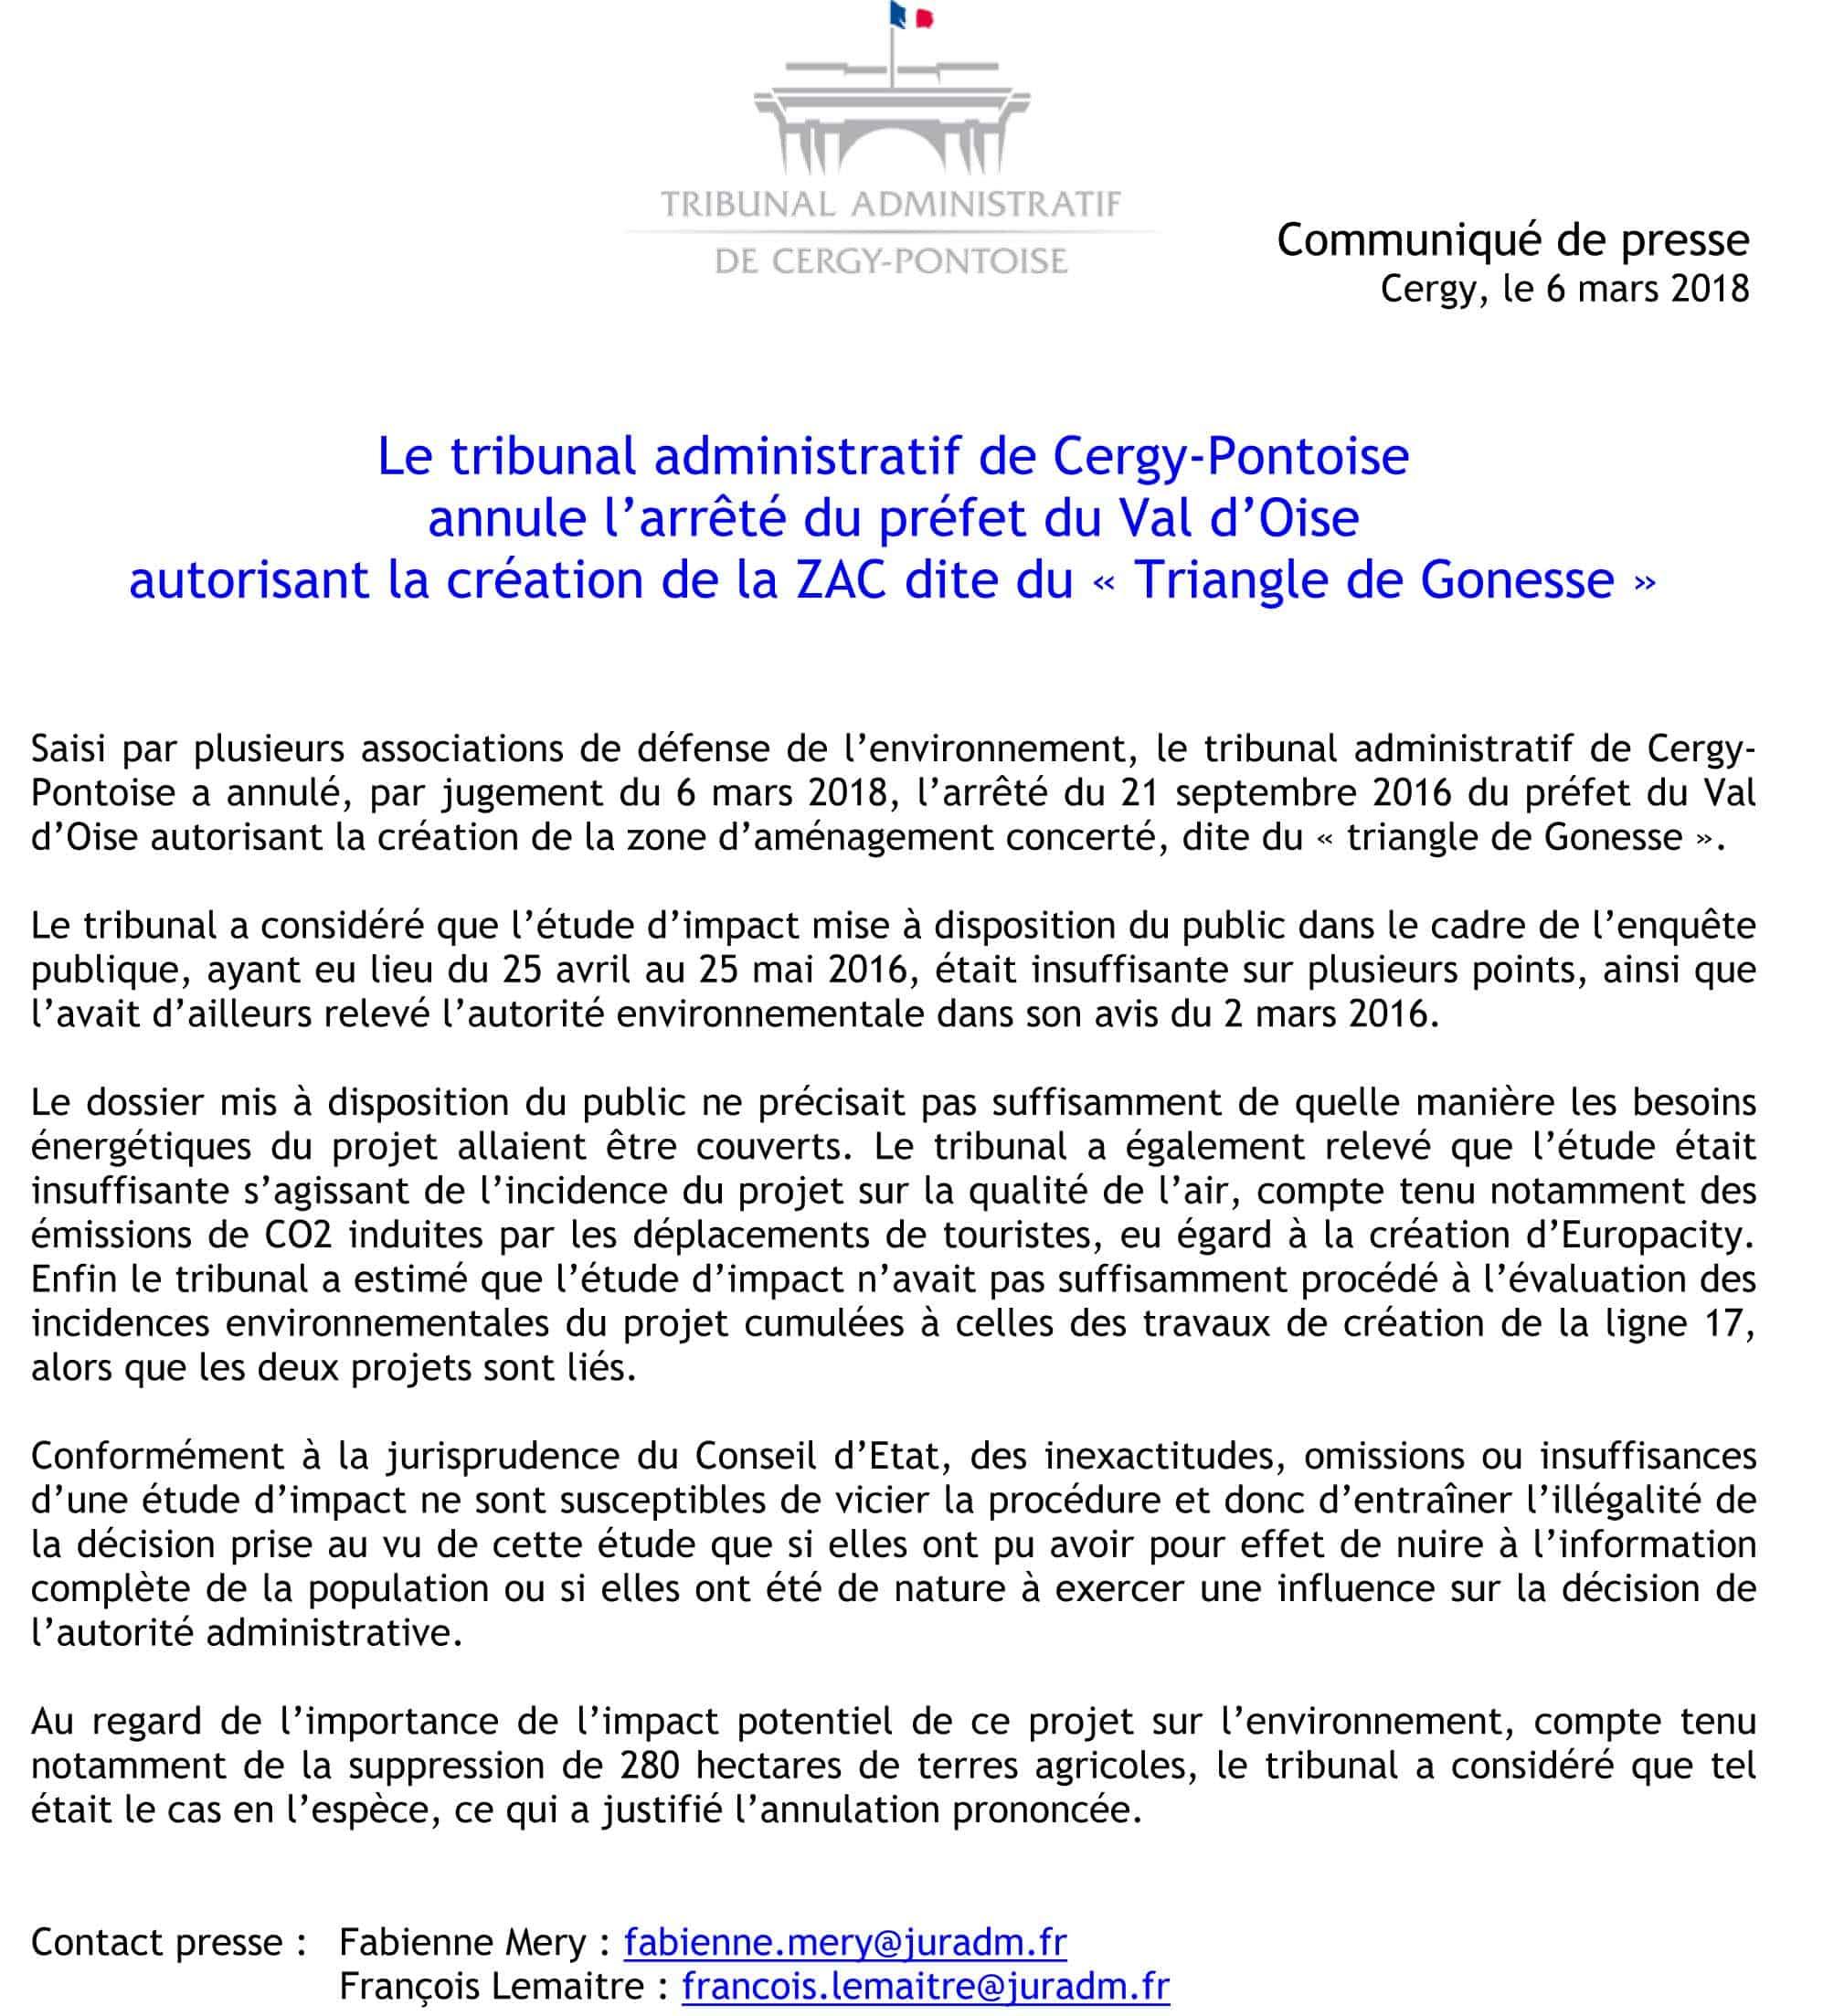 Communiqué de presse annulation ZAC du Triangle de Gonesse